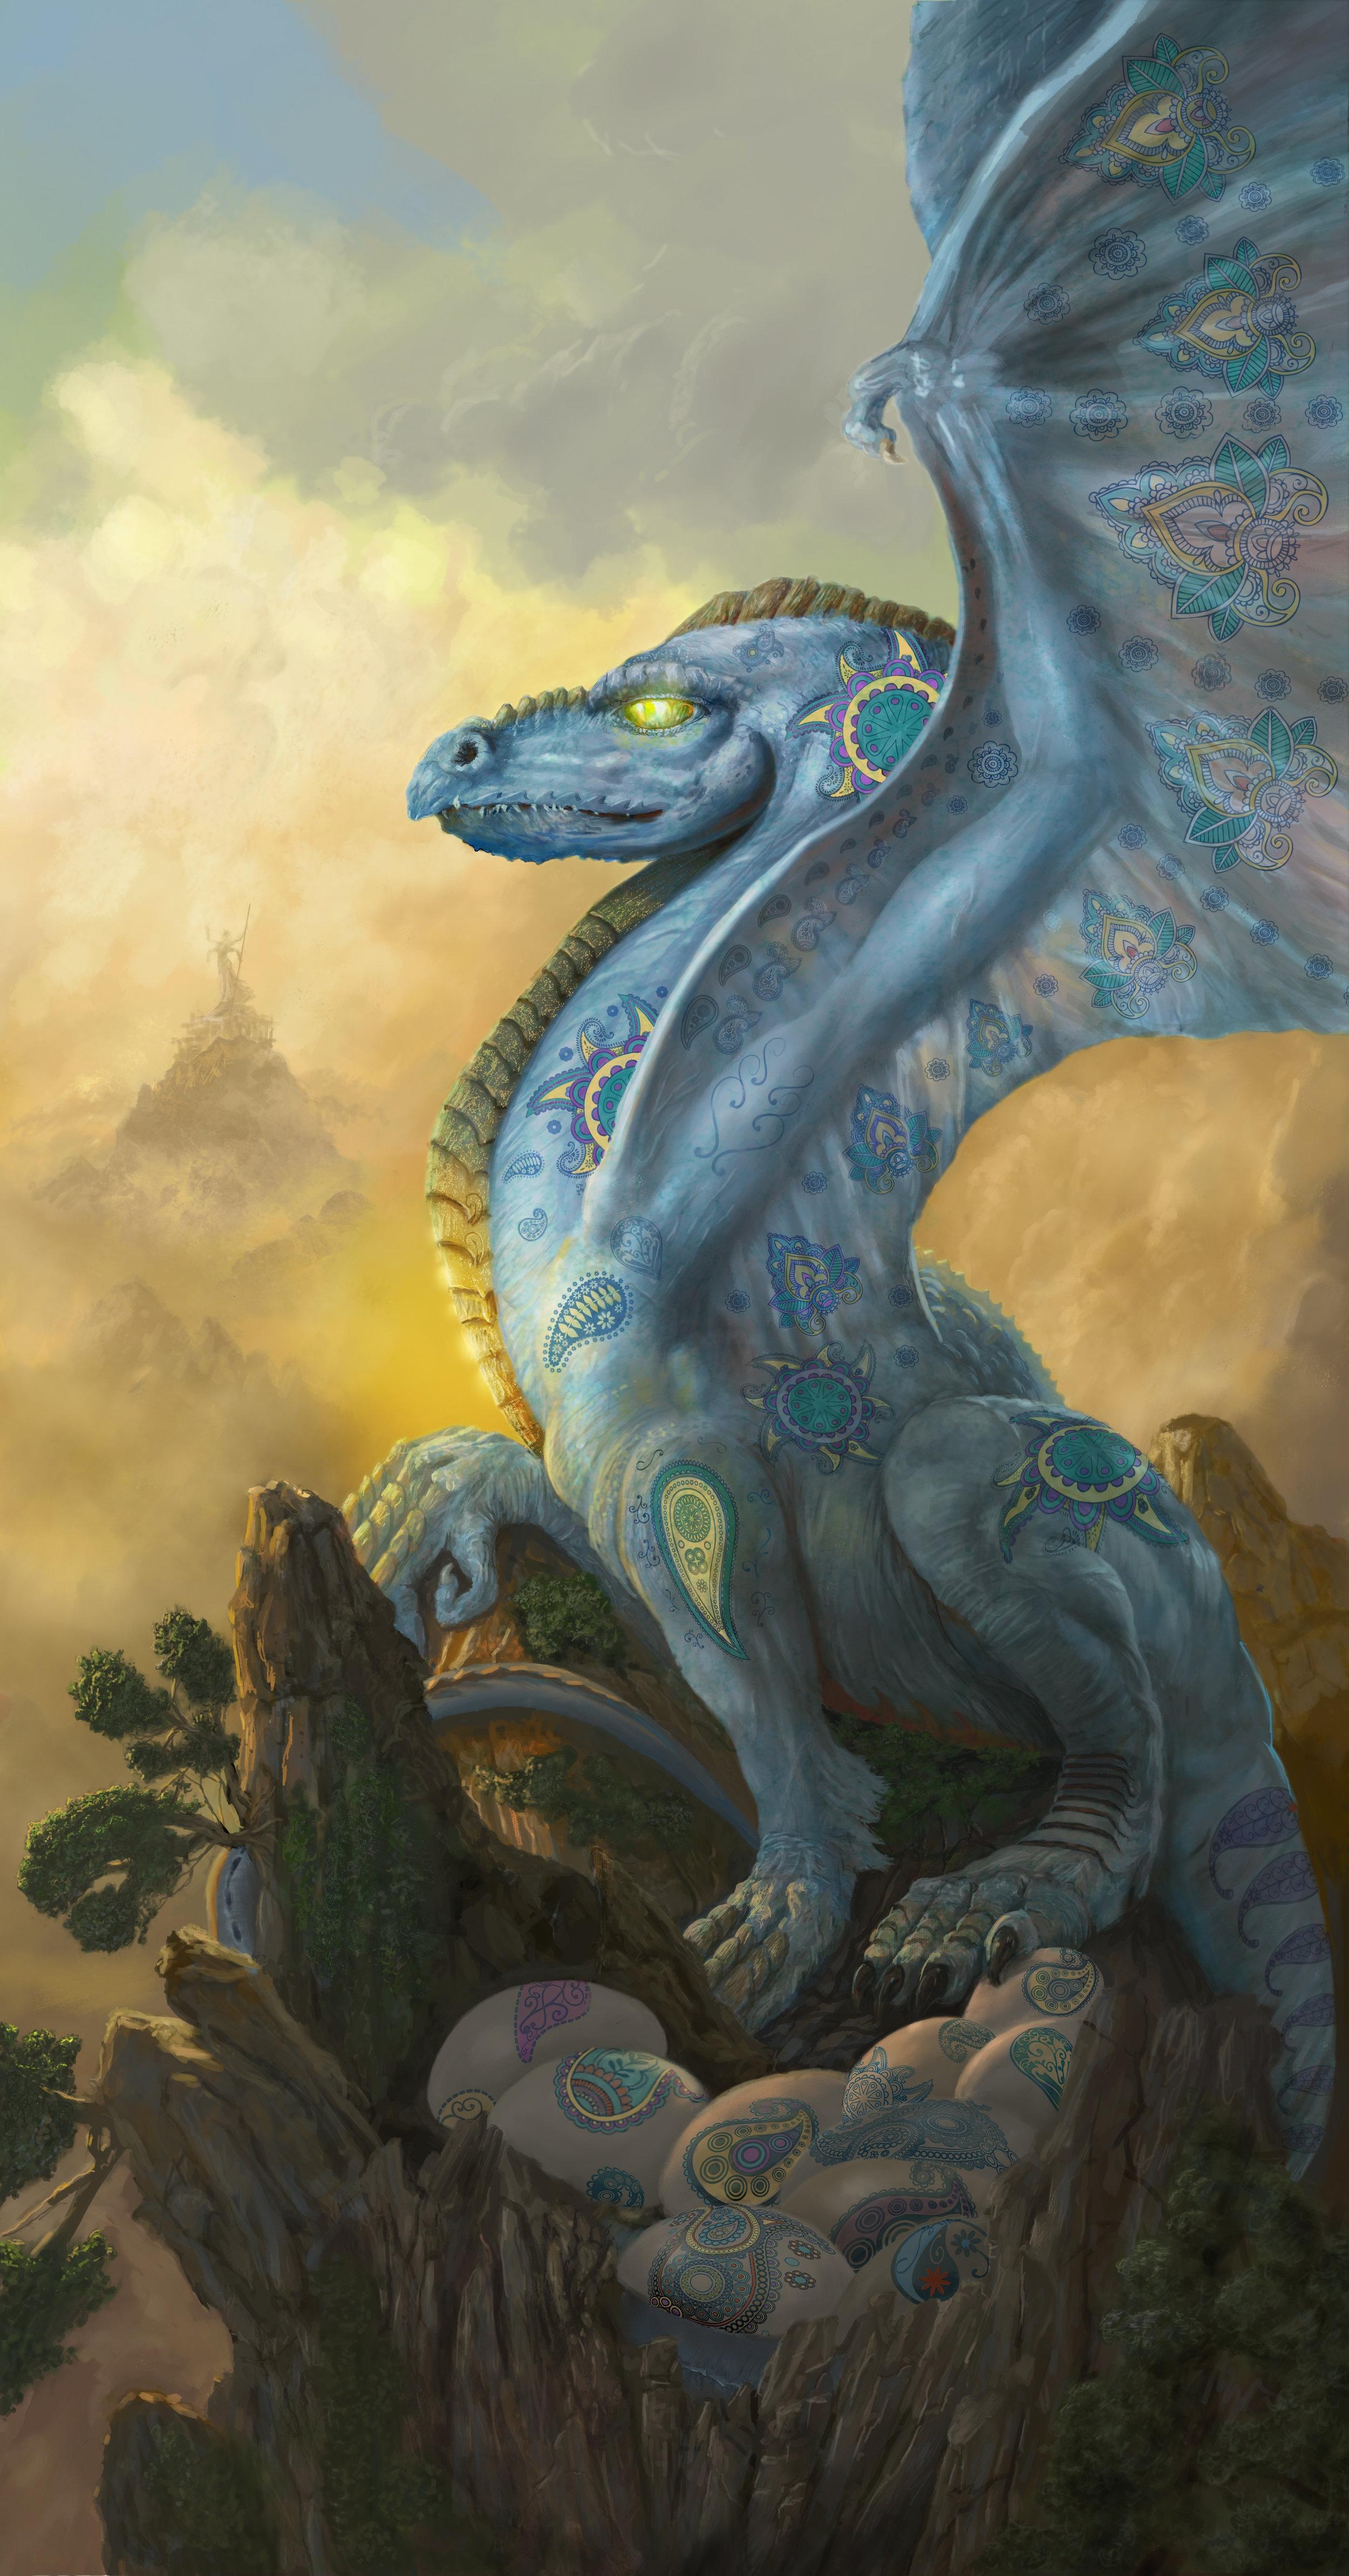 The Paisley Dragon